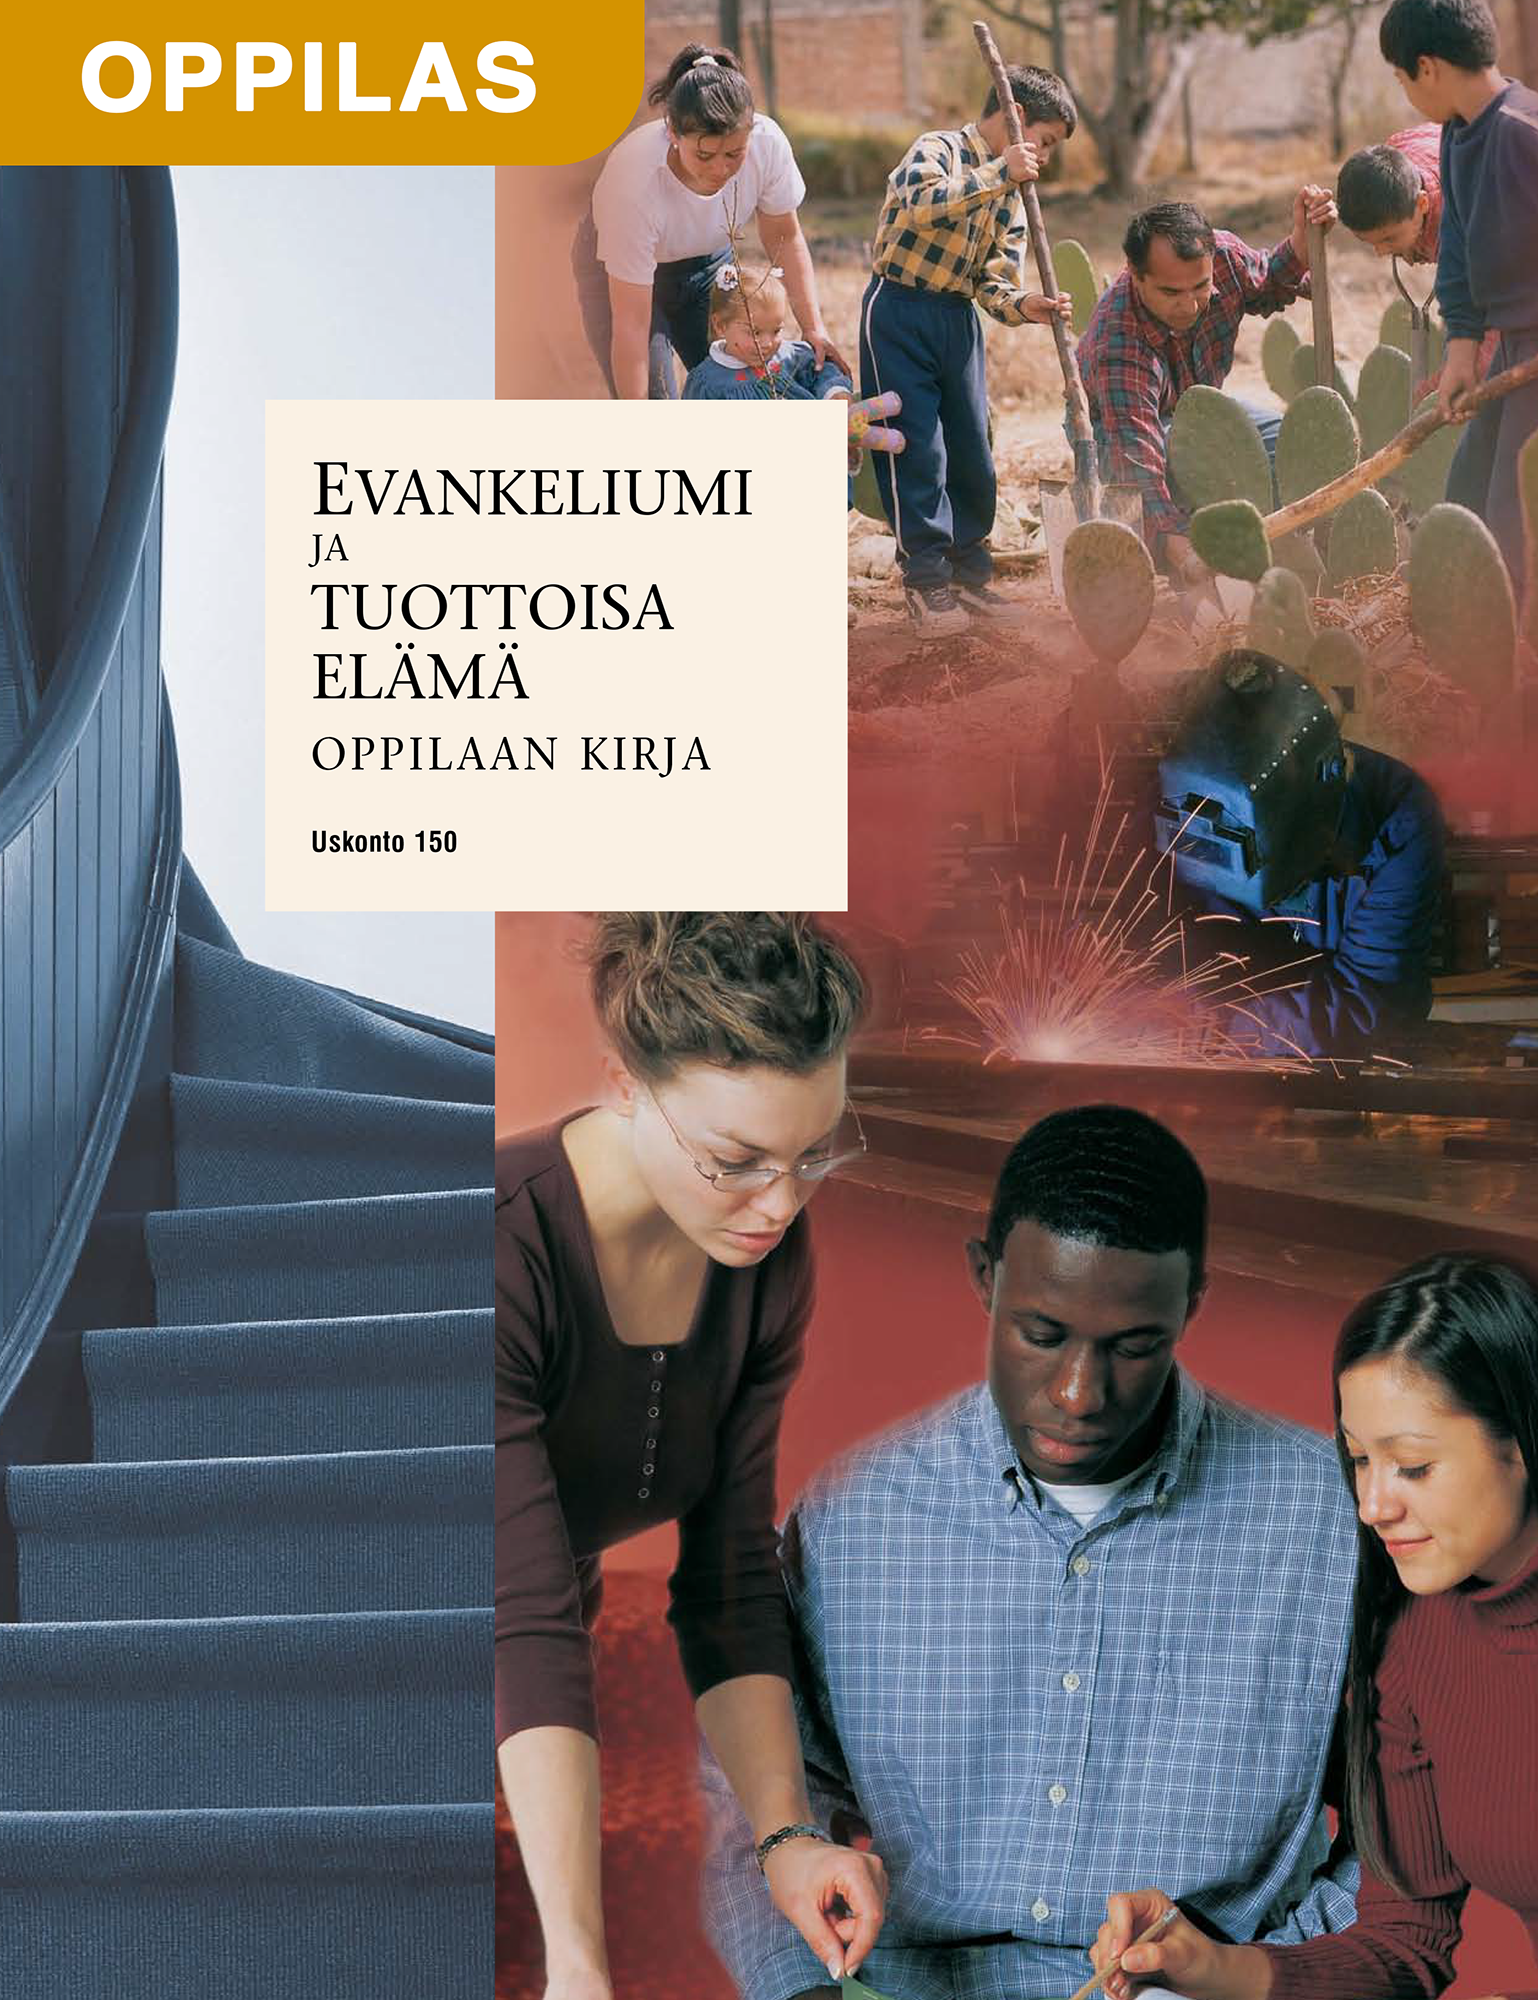 Evankeliumi ja tuottoisa elämä, oppilaan kirja (Uskonto 150)